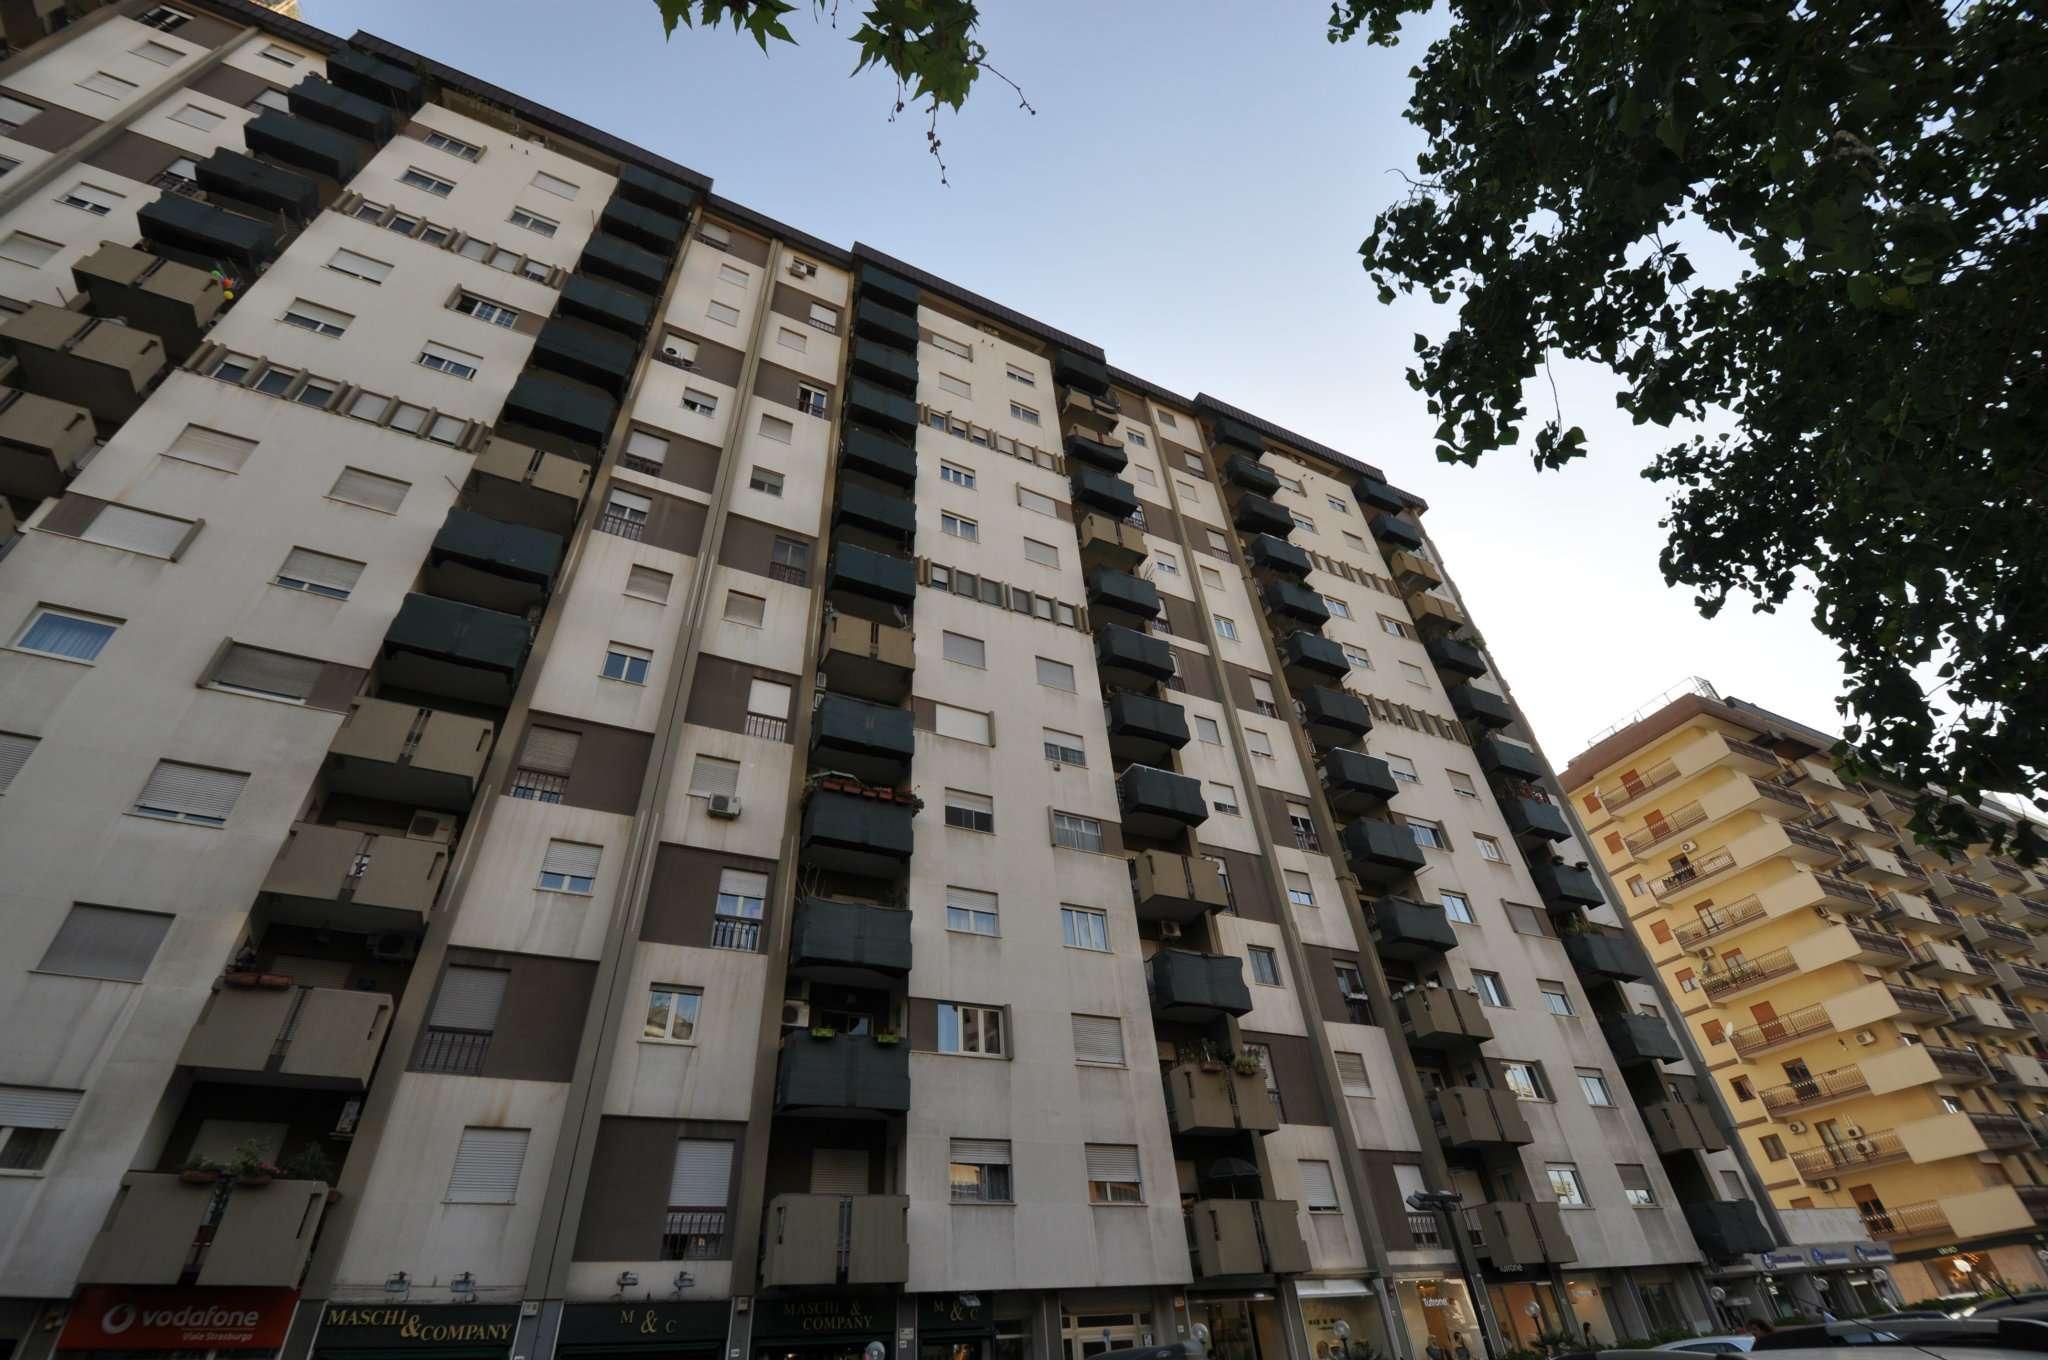 Appartamento in Affitto a Palermo:  4 locali, 110 mq  - Foto 1